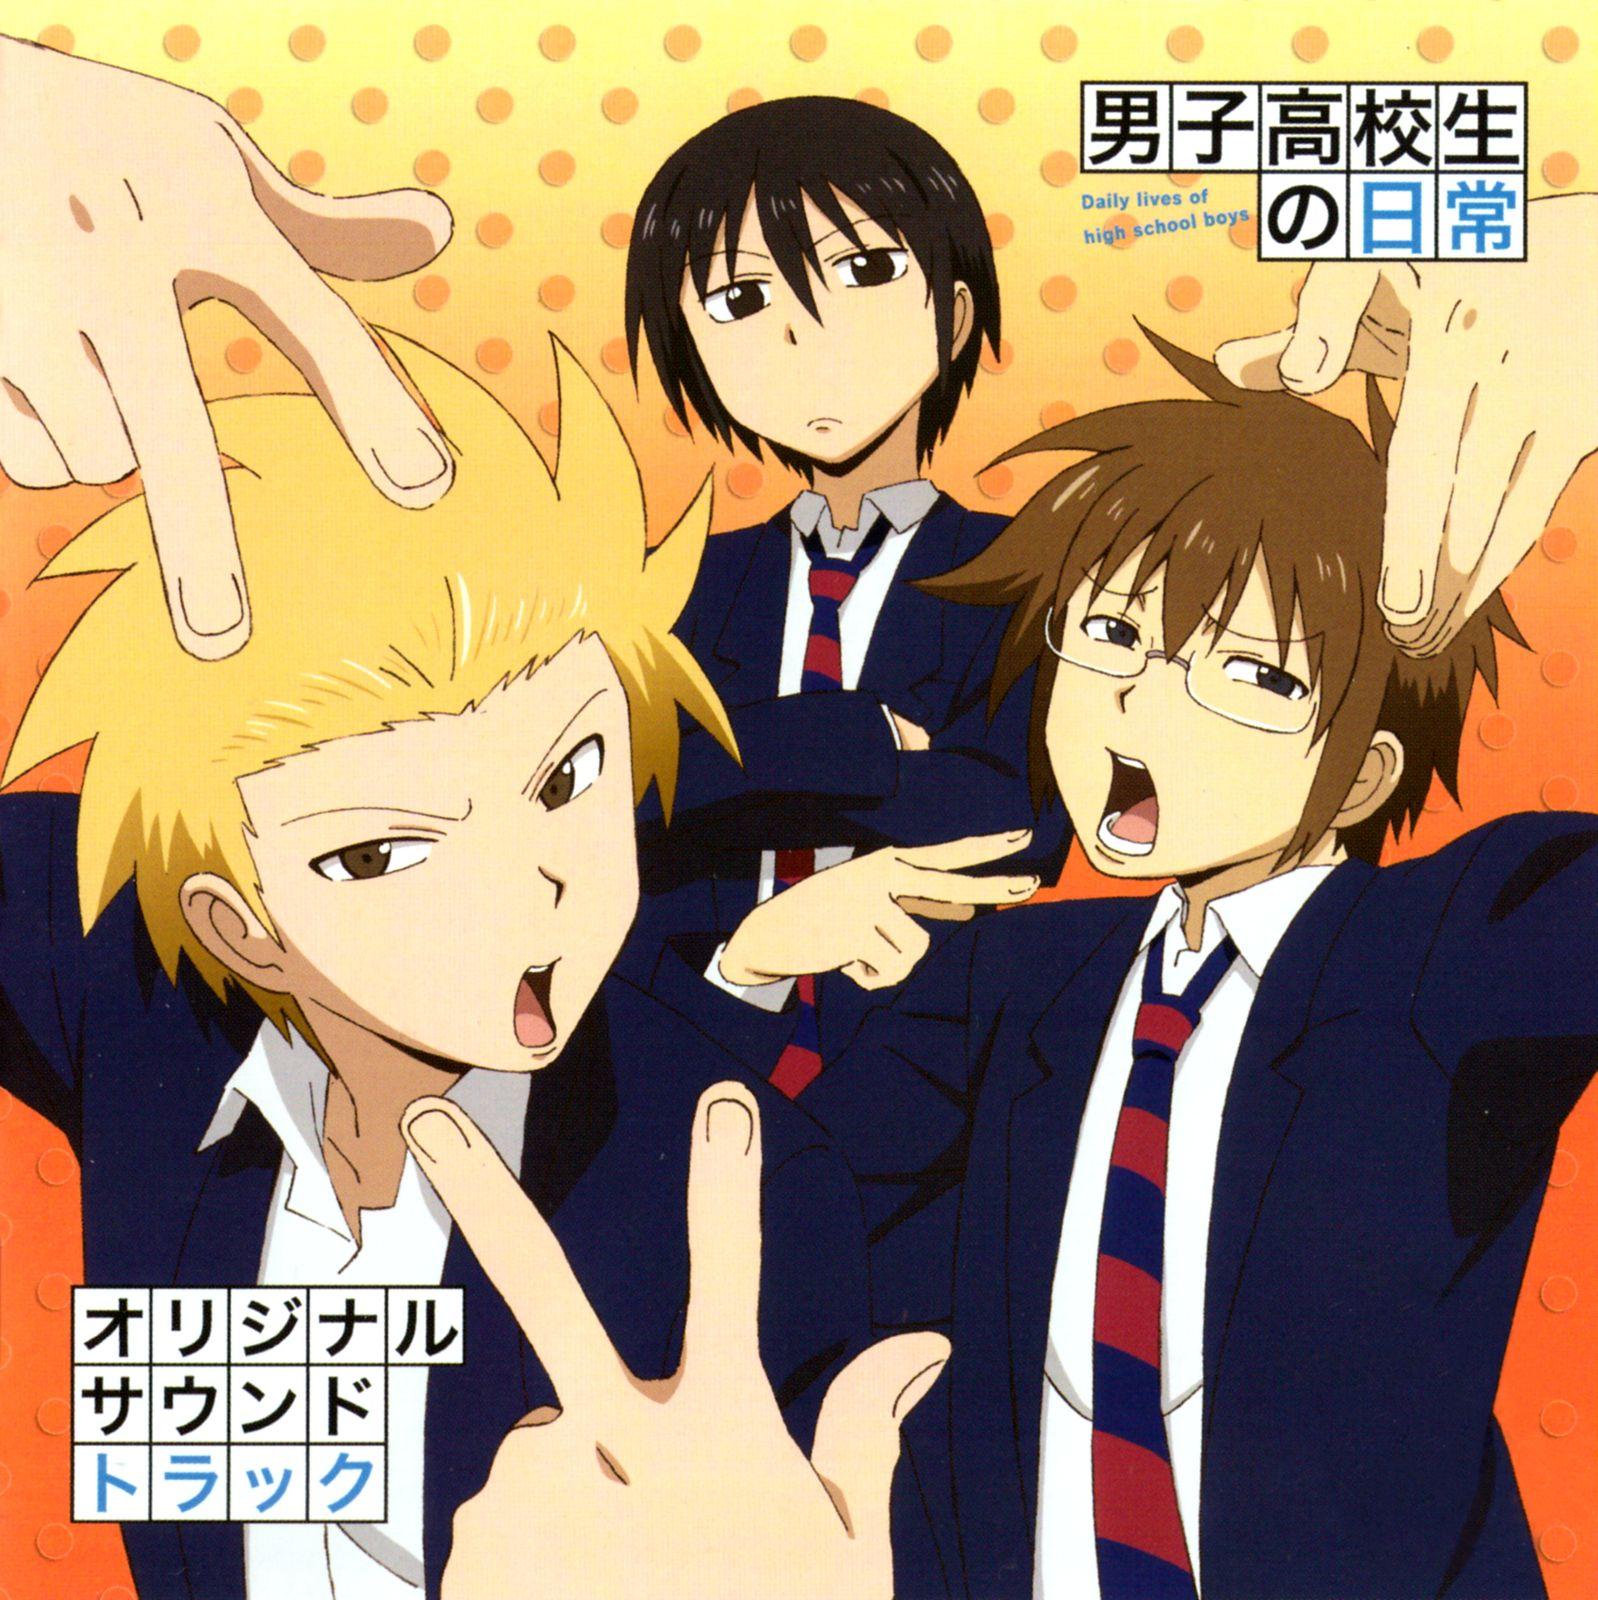 Danshi koukousei no nichijou   Daily life of high school boys ...